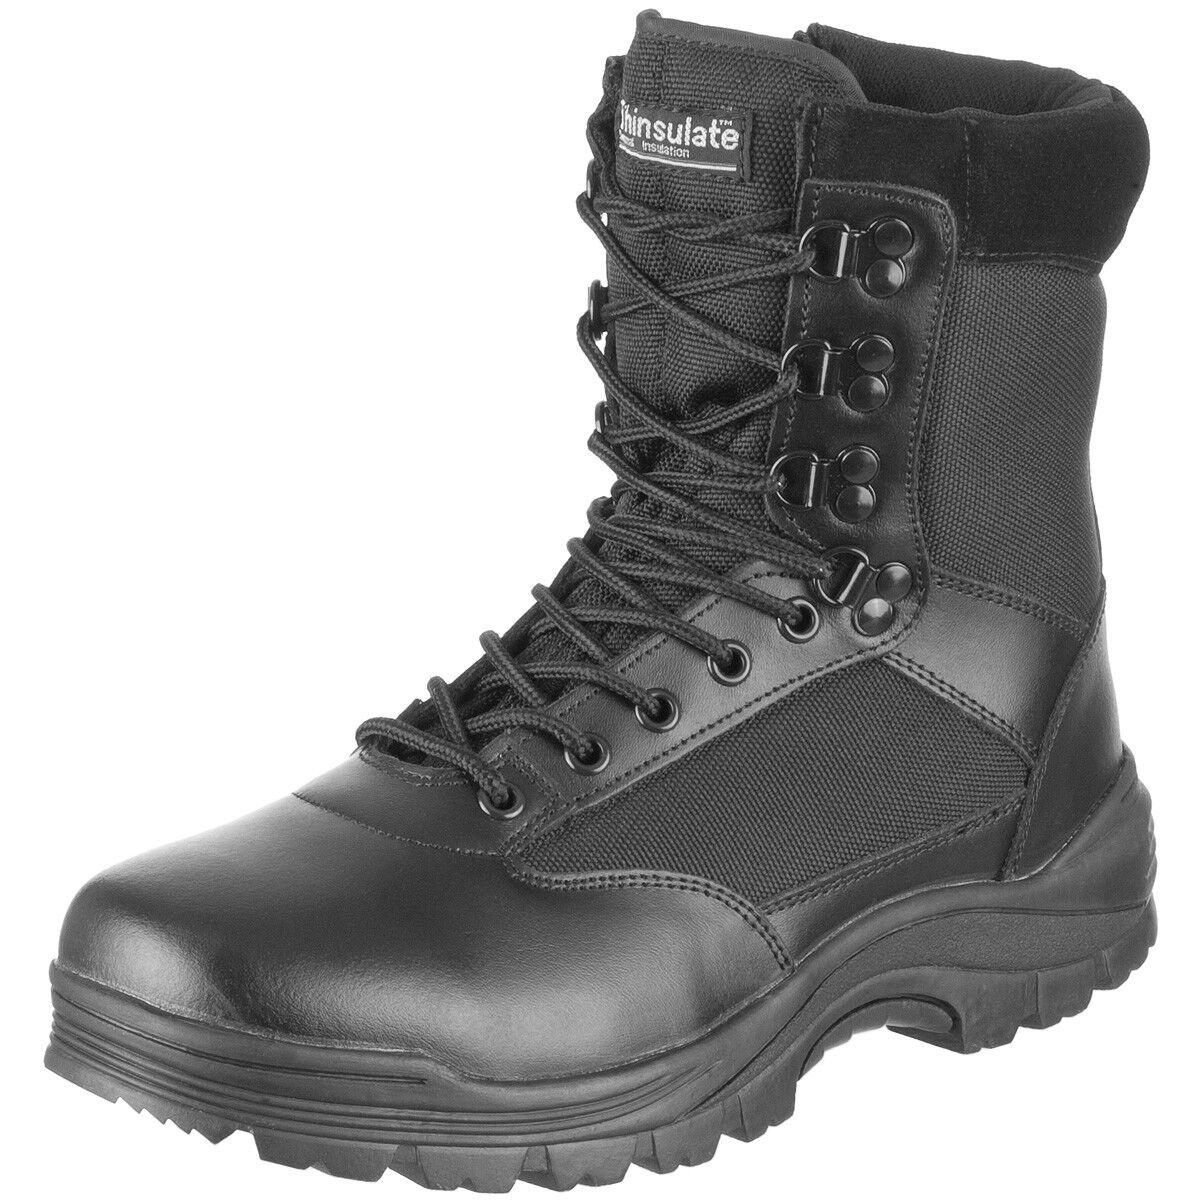 Botas De Combate Hombres Táctico Side Zip Seguridad Policía Ejército Hombres Combate Zapatos Neg 6763d2